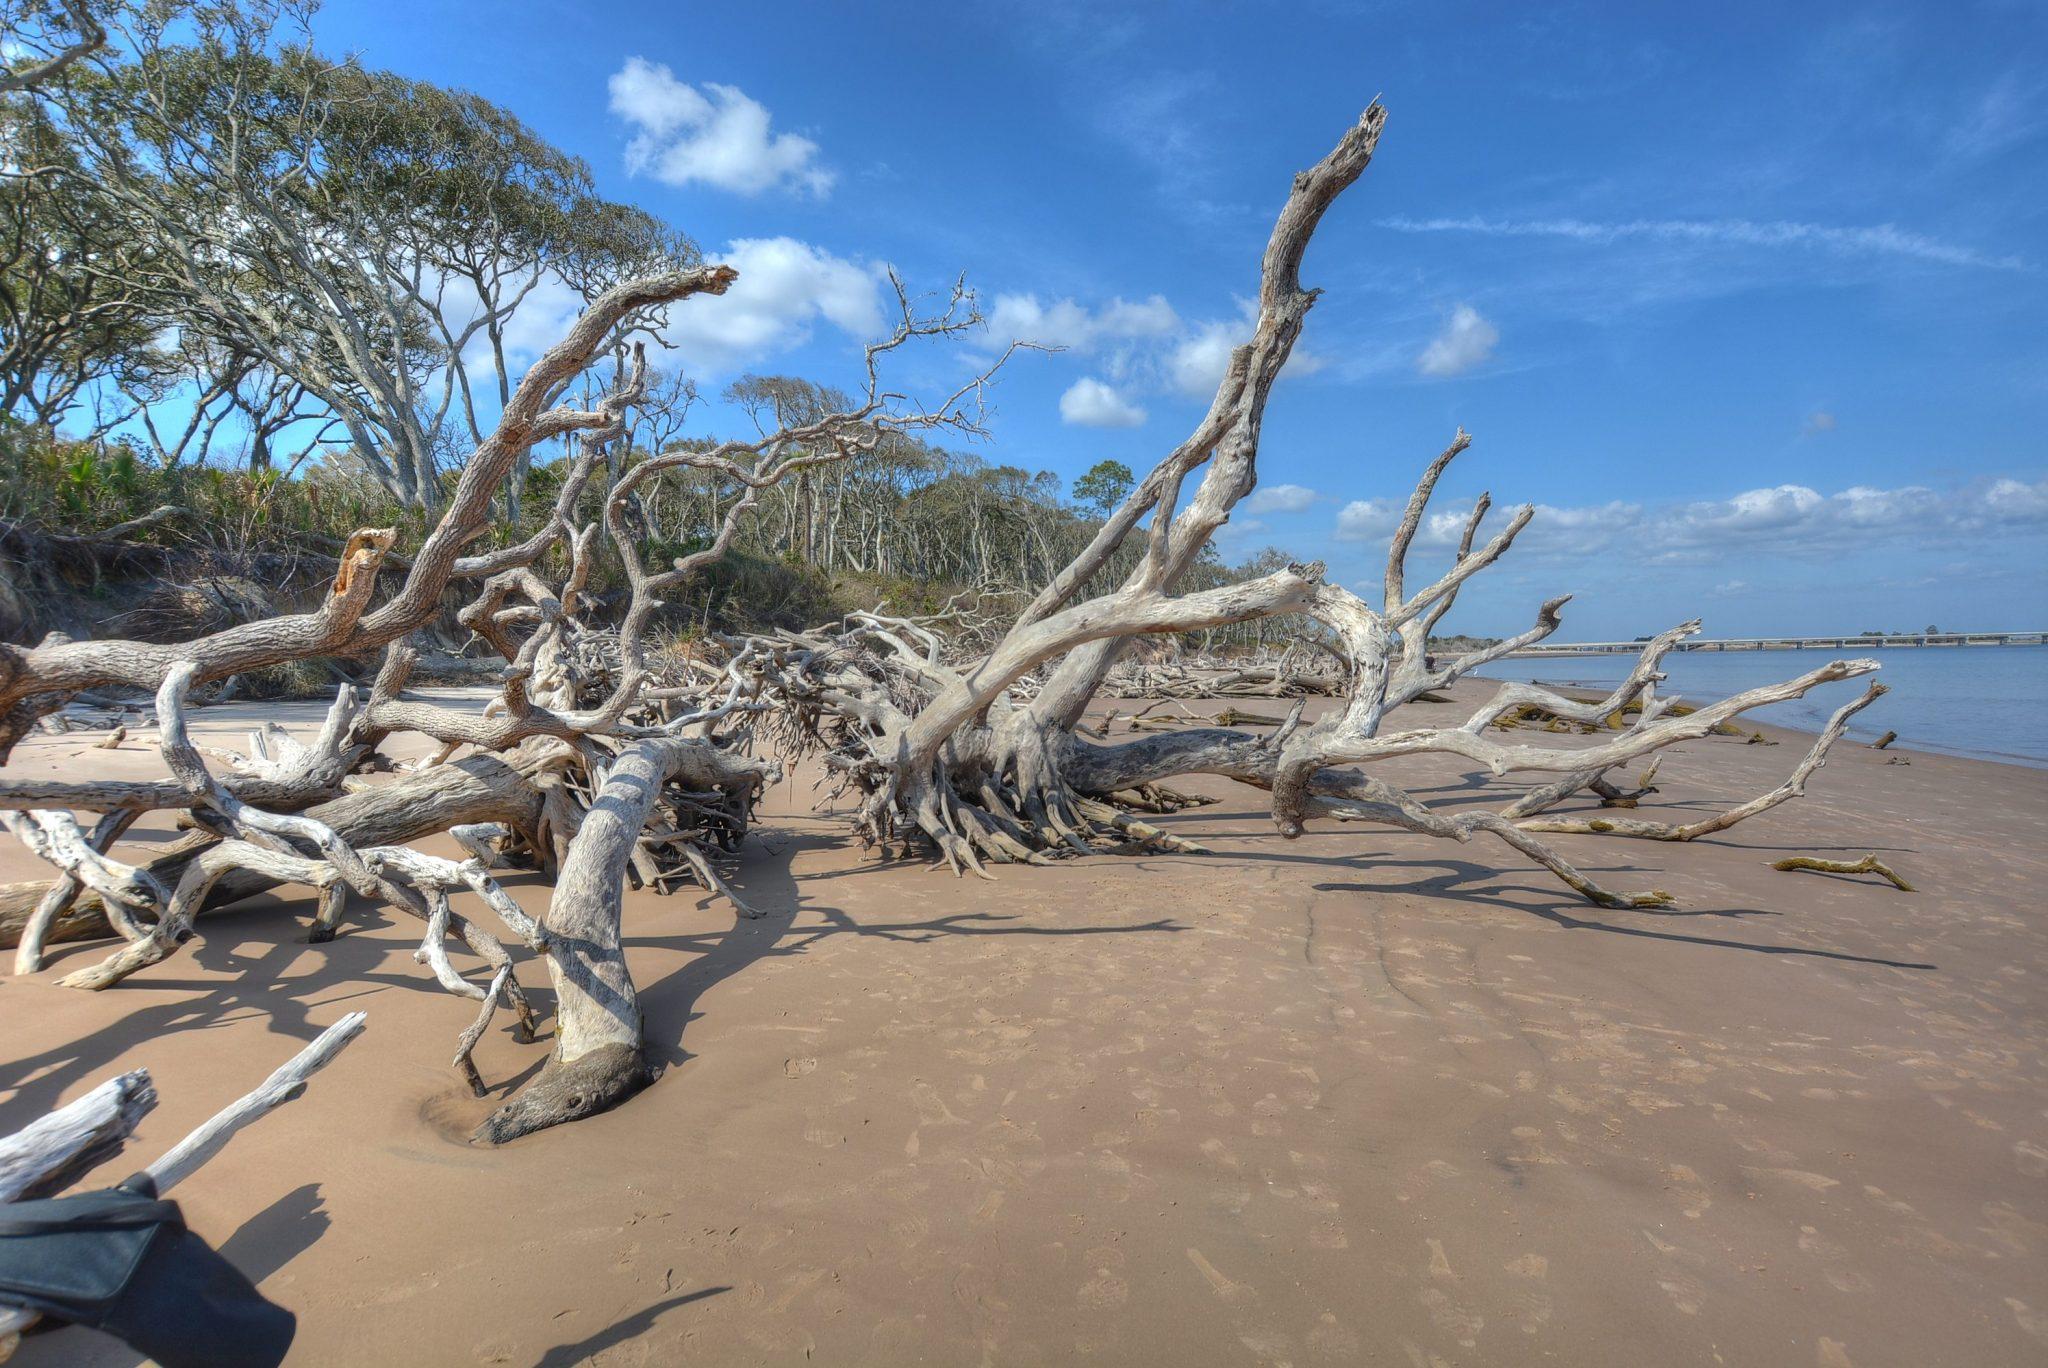 The Boneyard….where fallen trees become driftwood